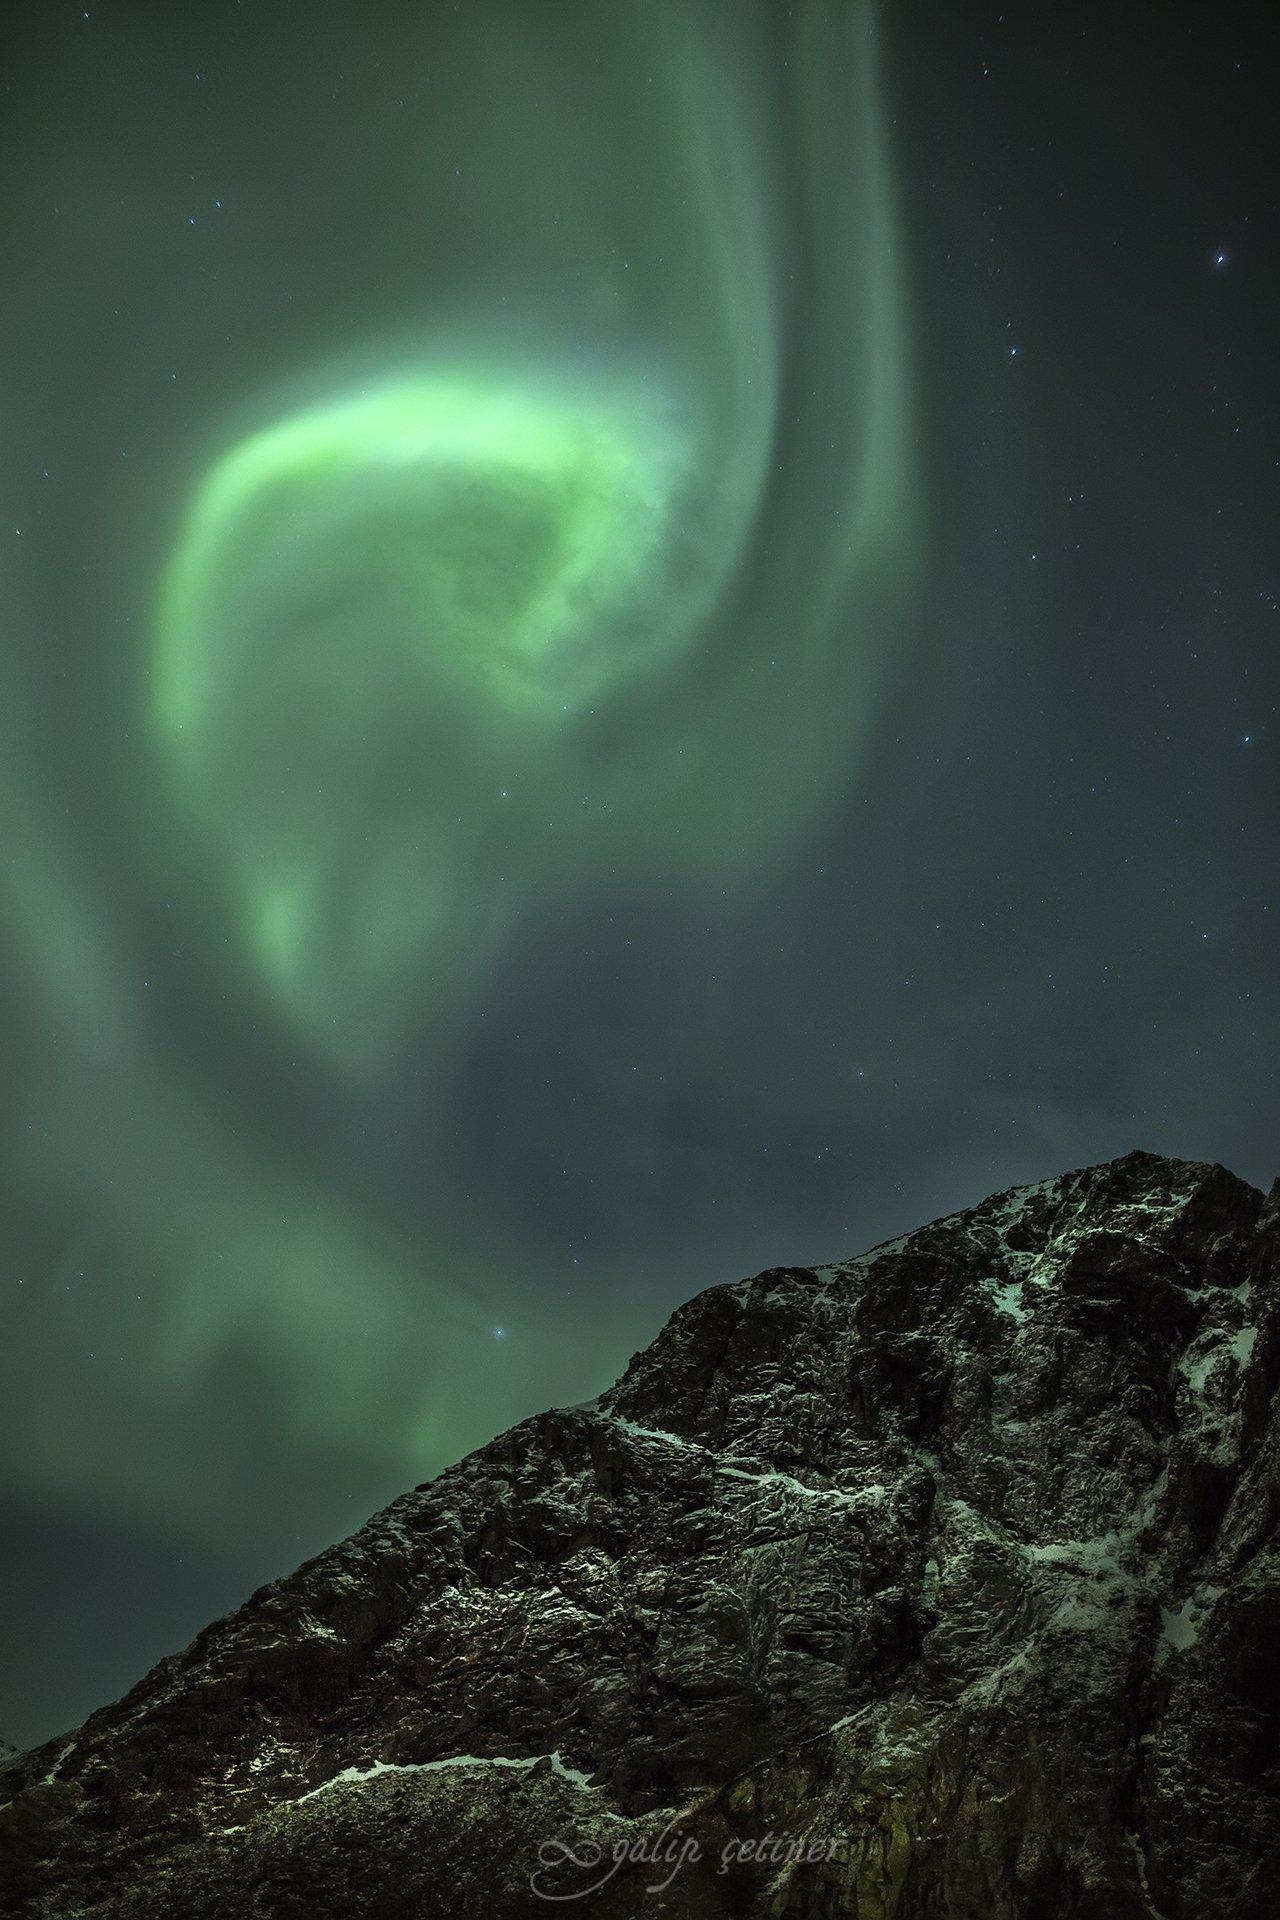 aurora borealis, aurora, night, landscape, landscapes, northern lights, norway, light, mountain, Galip Çetiner